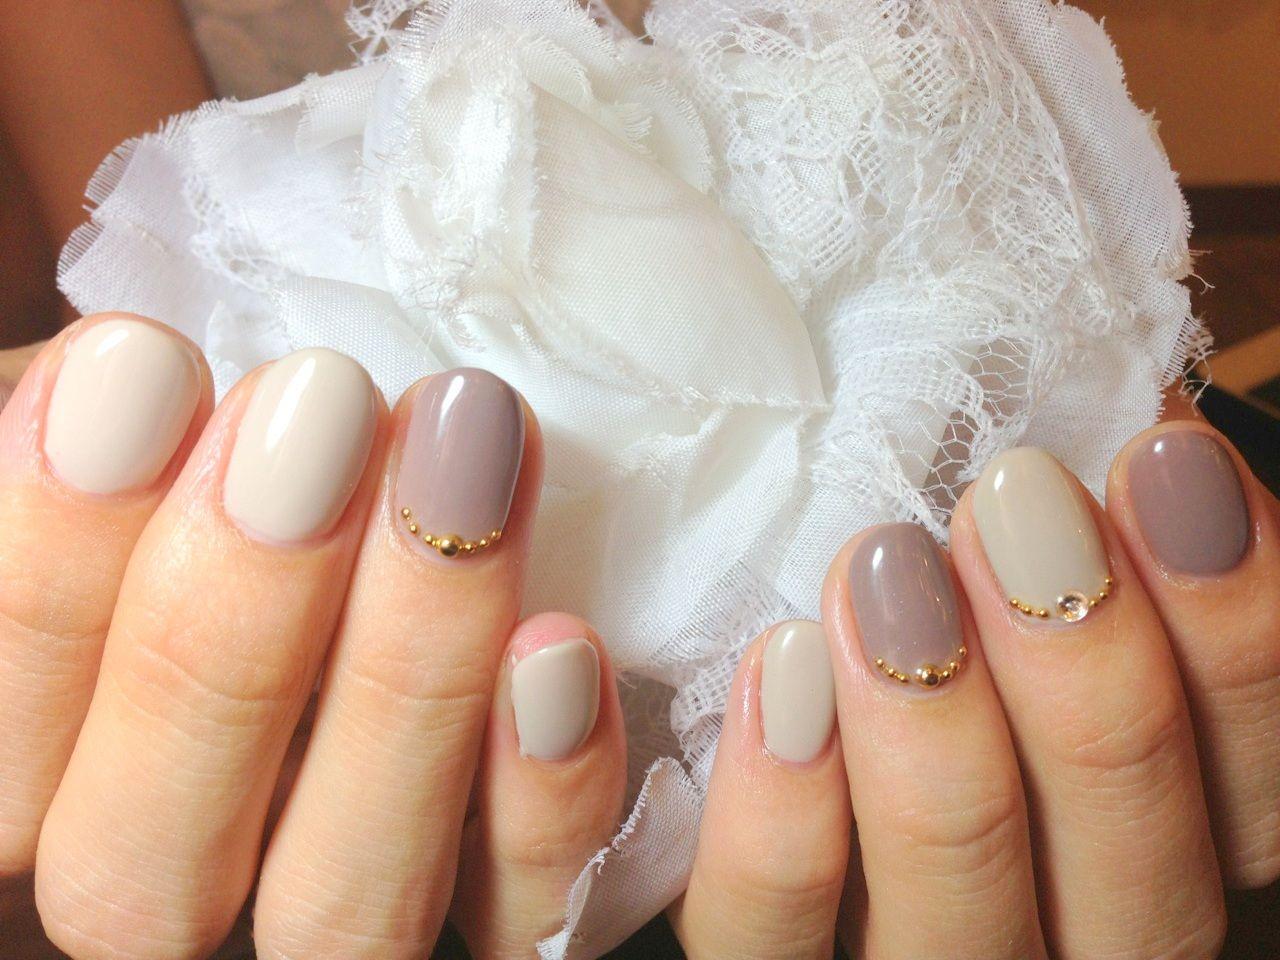 秋ネイル グレー ワンカラーネイル スタッズ シンプルネイル ジェルネイル画像 Gelish Nails, Manicure